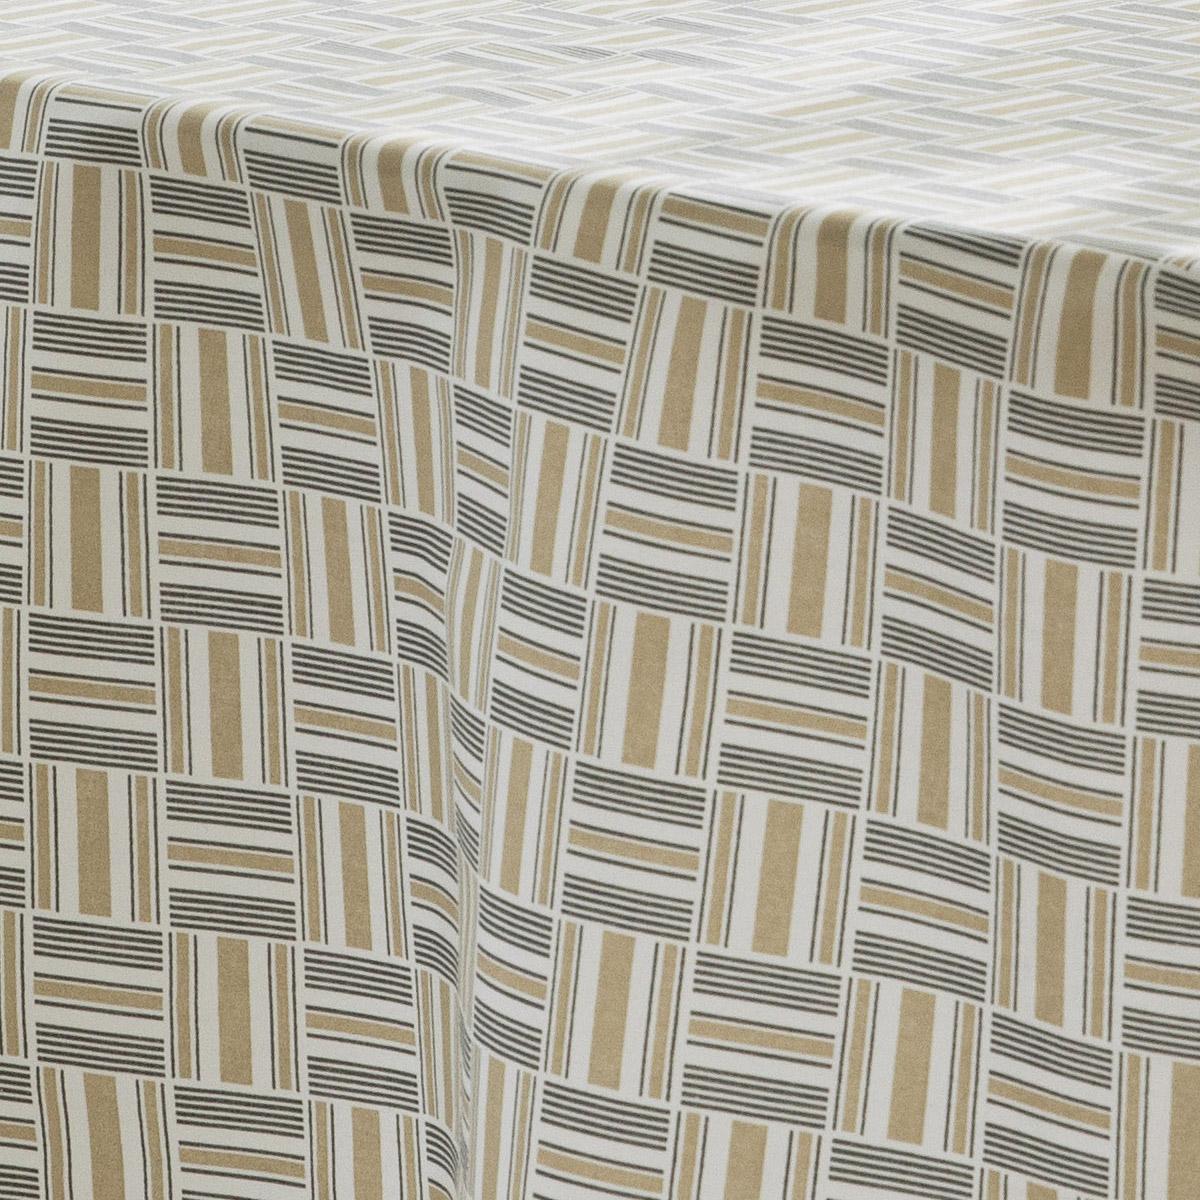 Nappe ronde aux motifs géométriques - Beige - DIAMETRE 170 cm